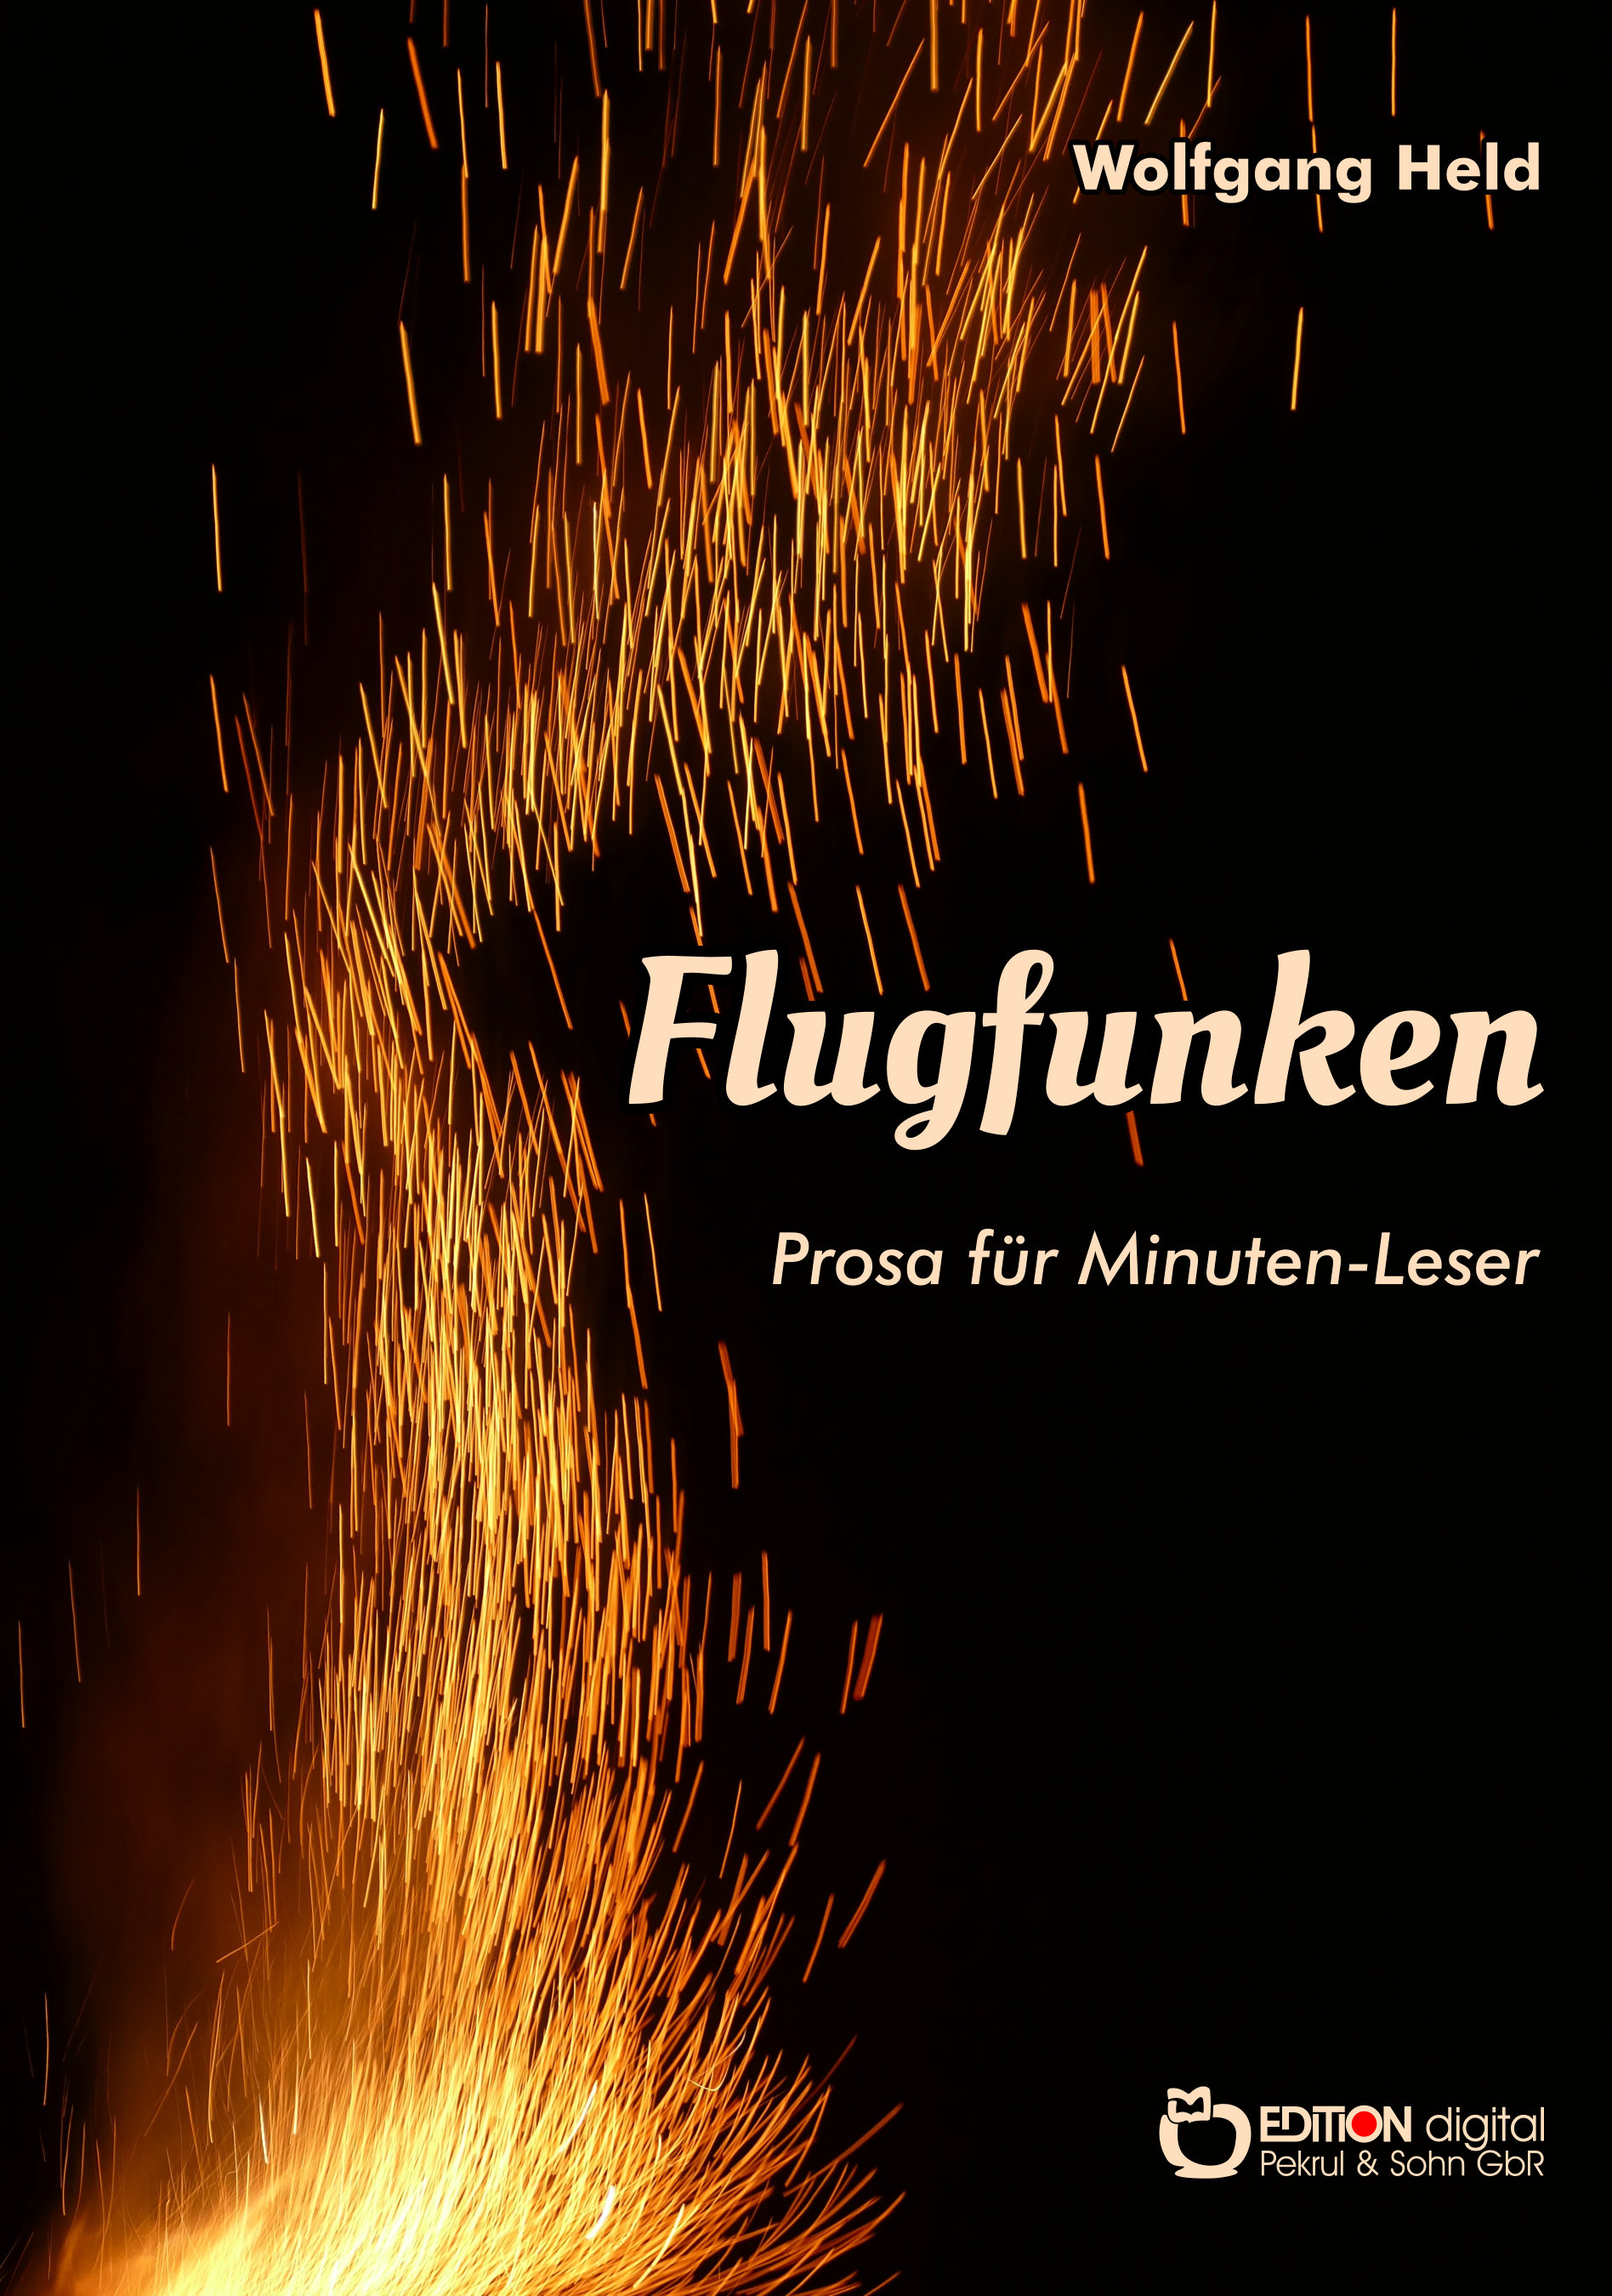 Flugfunken. Prosa für Minuten-Leser von Wolfgang Held